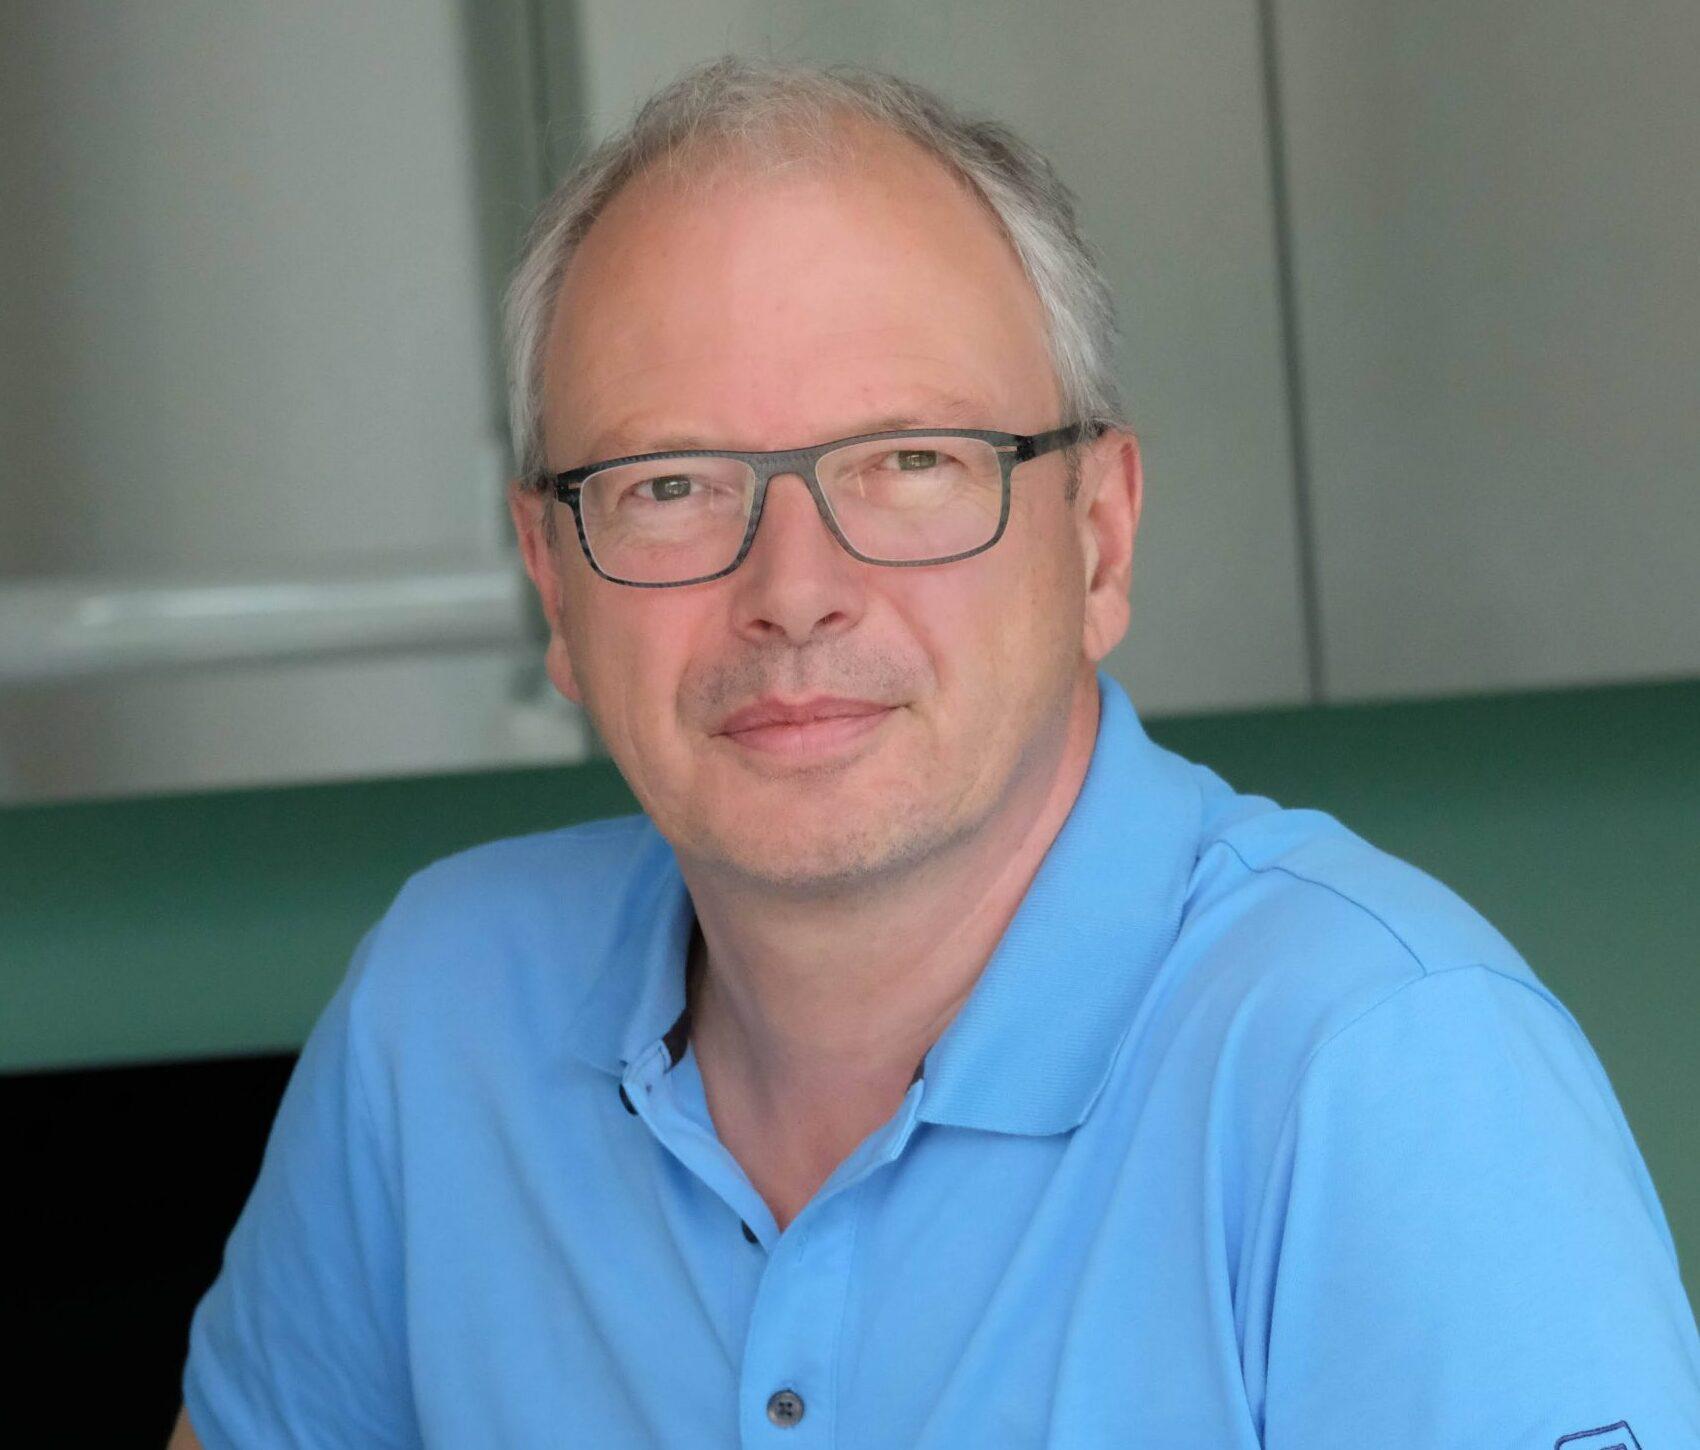 Jochen-Verst-Zahntechniker (Zahnarzt Thun)